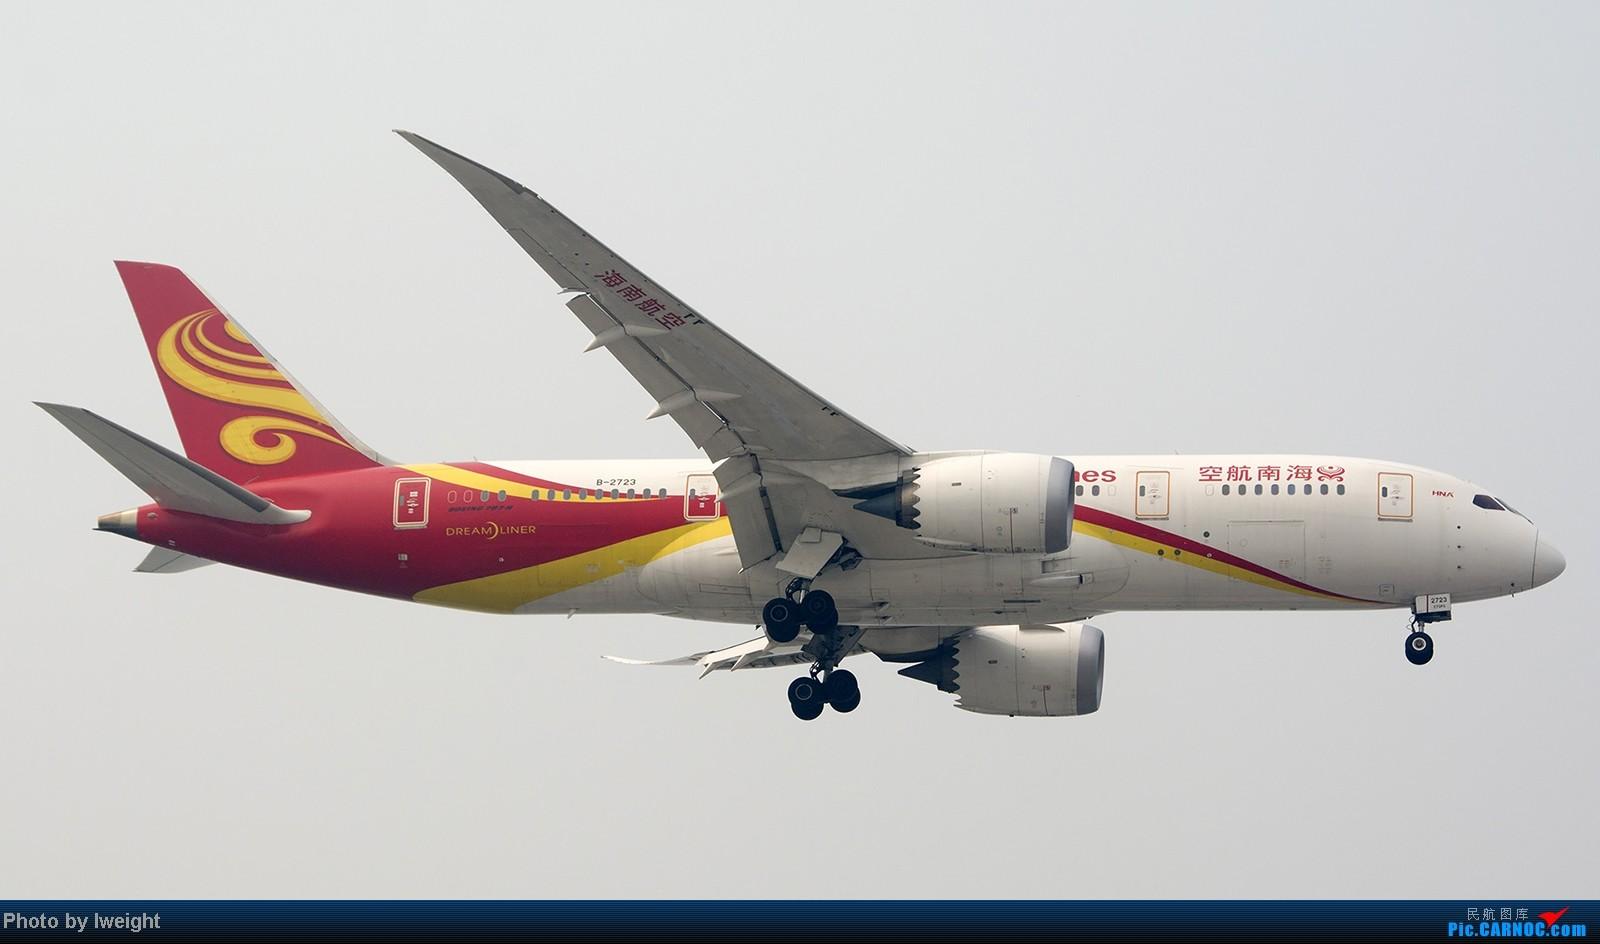 Re:[原创]9月7日帝都的烂天里乱拍一通 BOEING 787-8 B-2723 中国北京首都机场